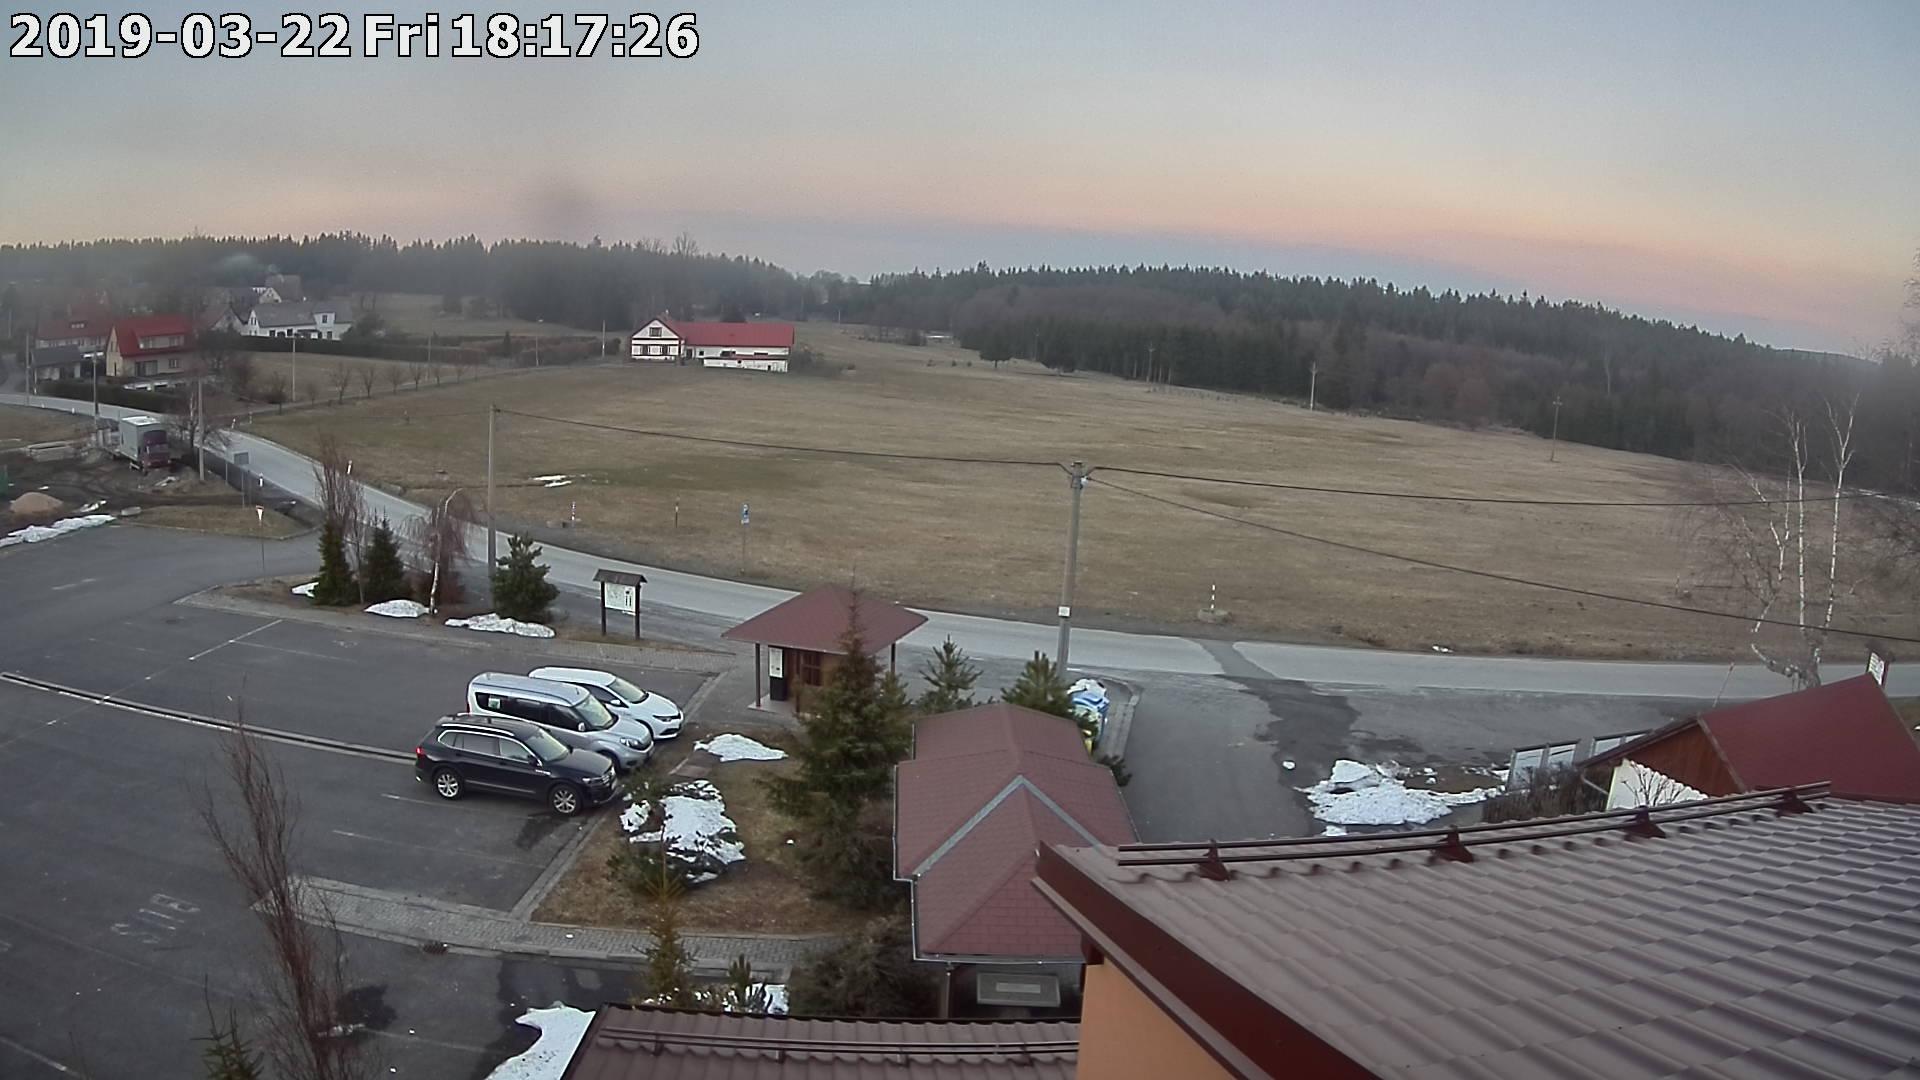 Webkamera ze dne 2019-03-22